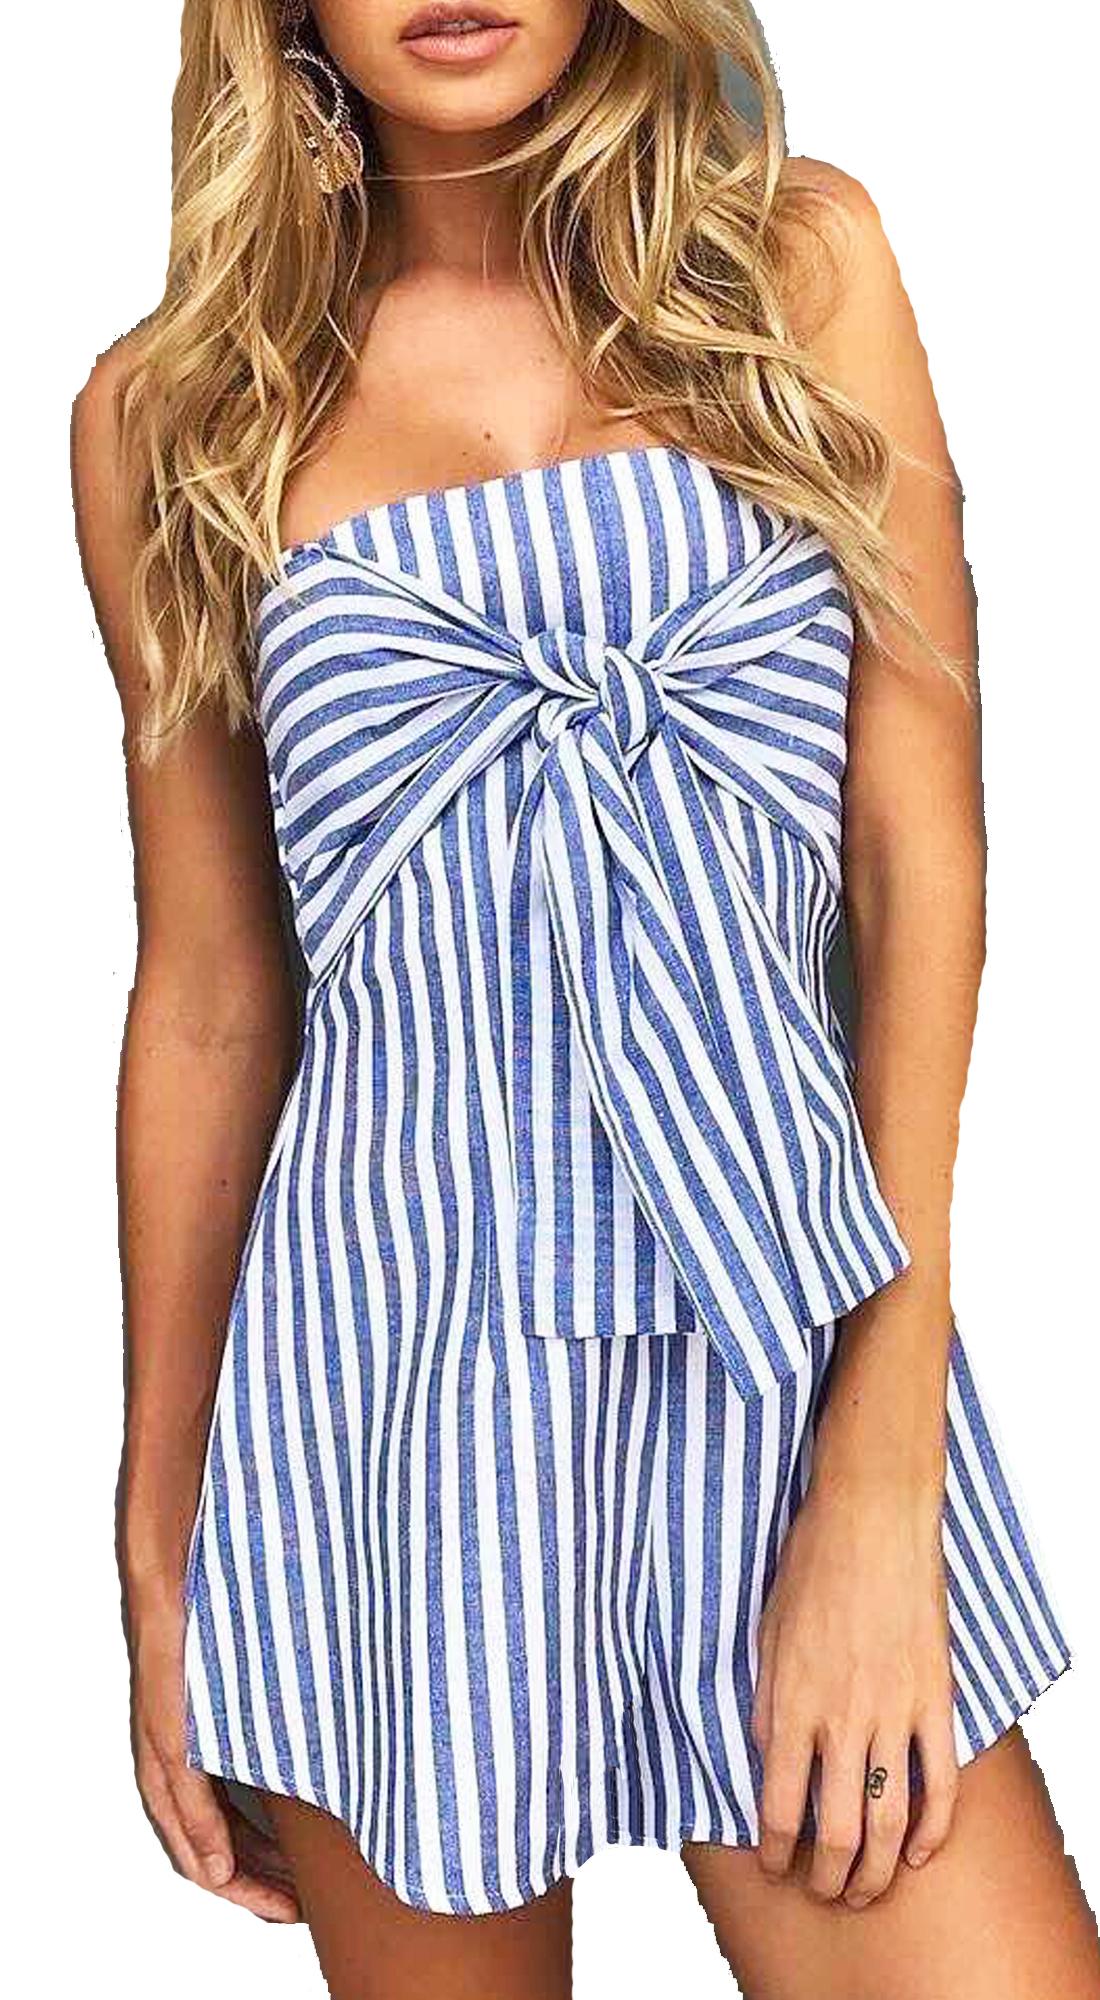 Γυναικείο Στράπλες Μίνι Φόρεμα με ρίγες Girly Chic - MissReina - S17SOF-344512 top trends basic shop